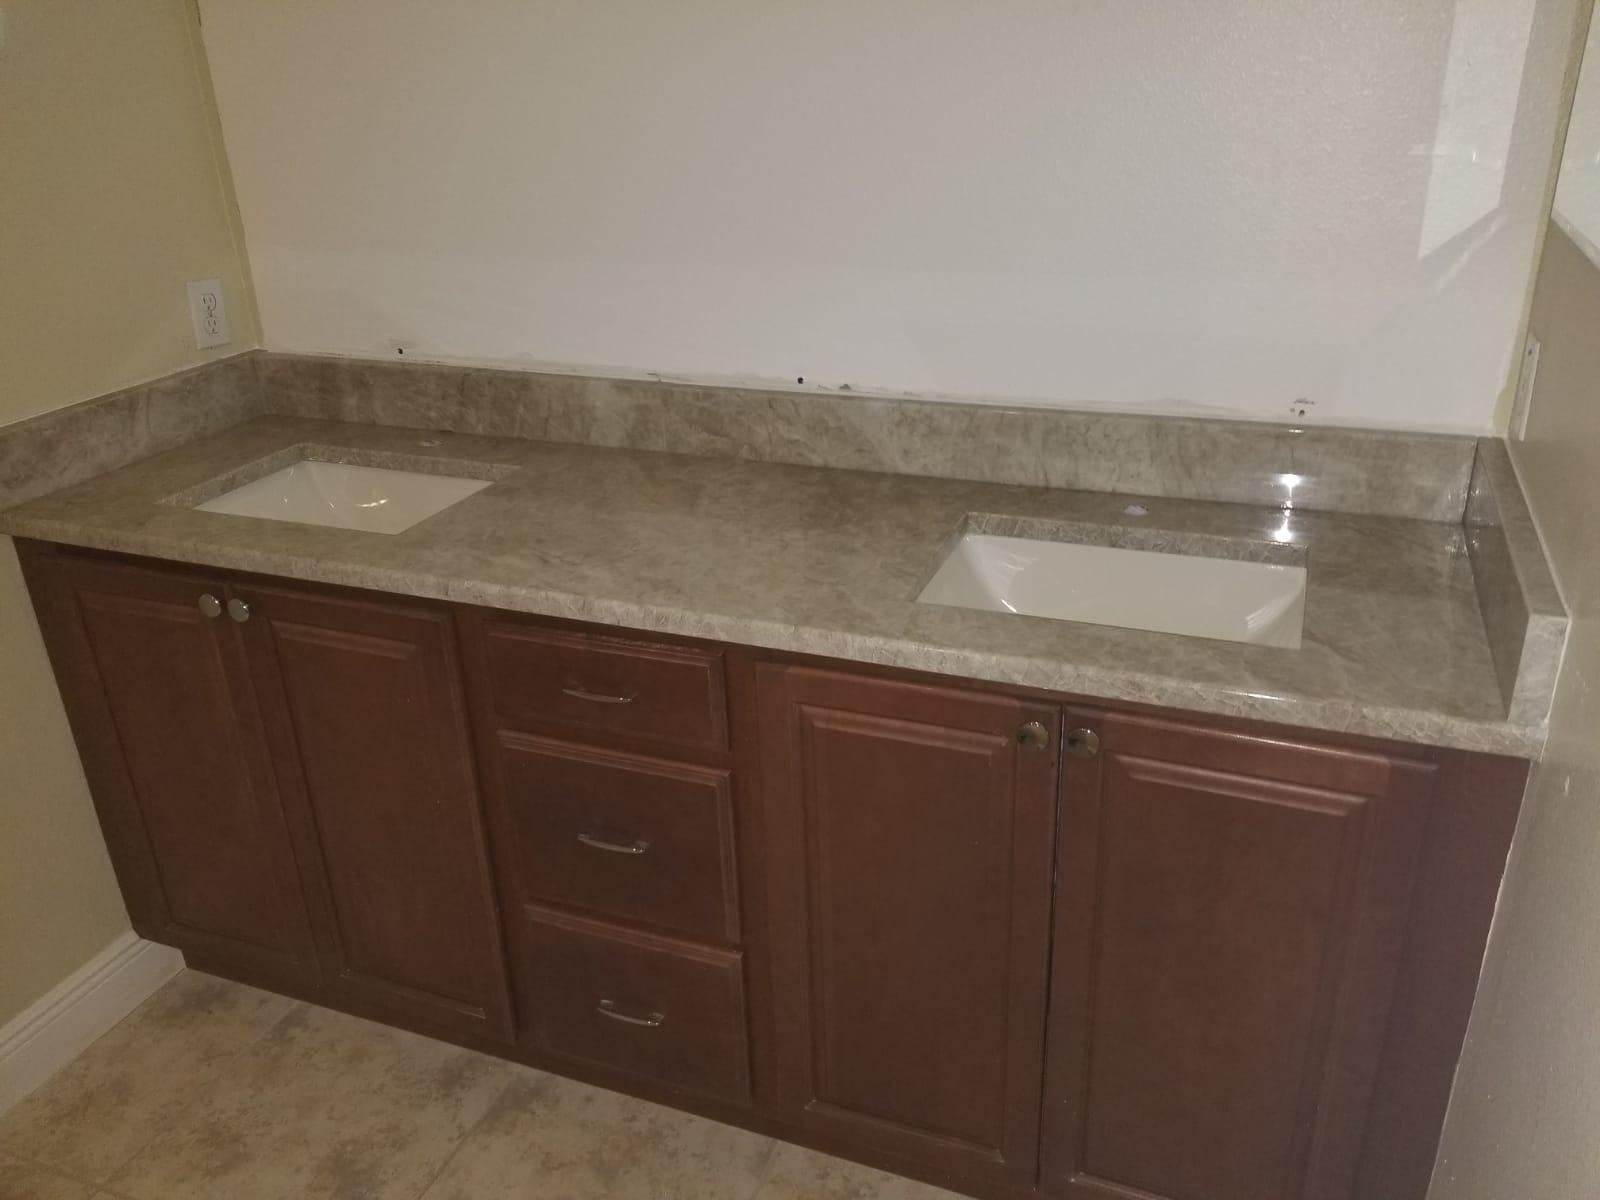 Customer - Wideman, William Material - Taj Mahal Quartzite Bathroom Vanity Countertop